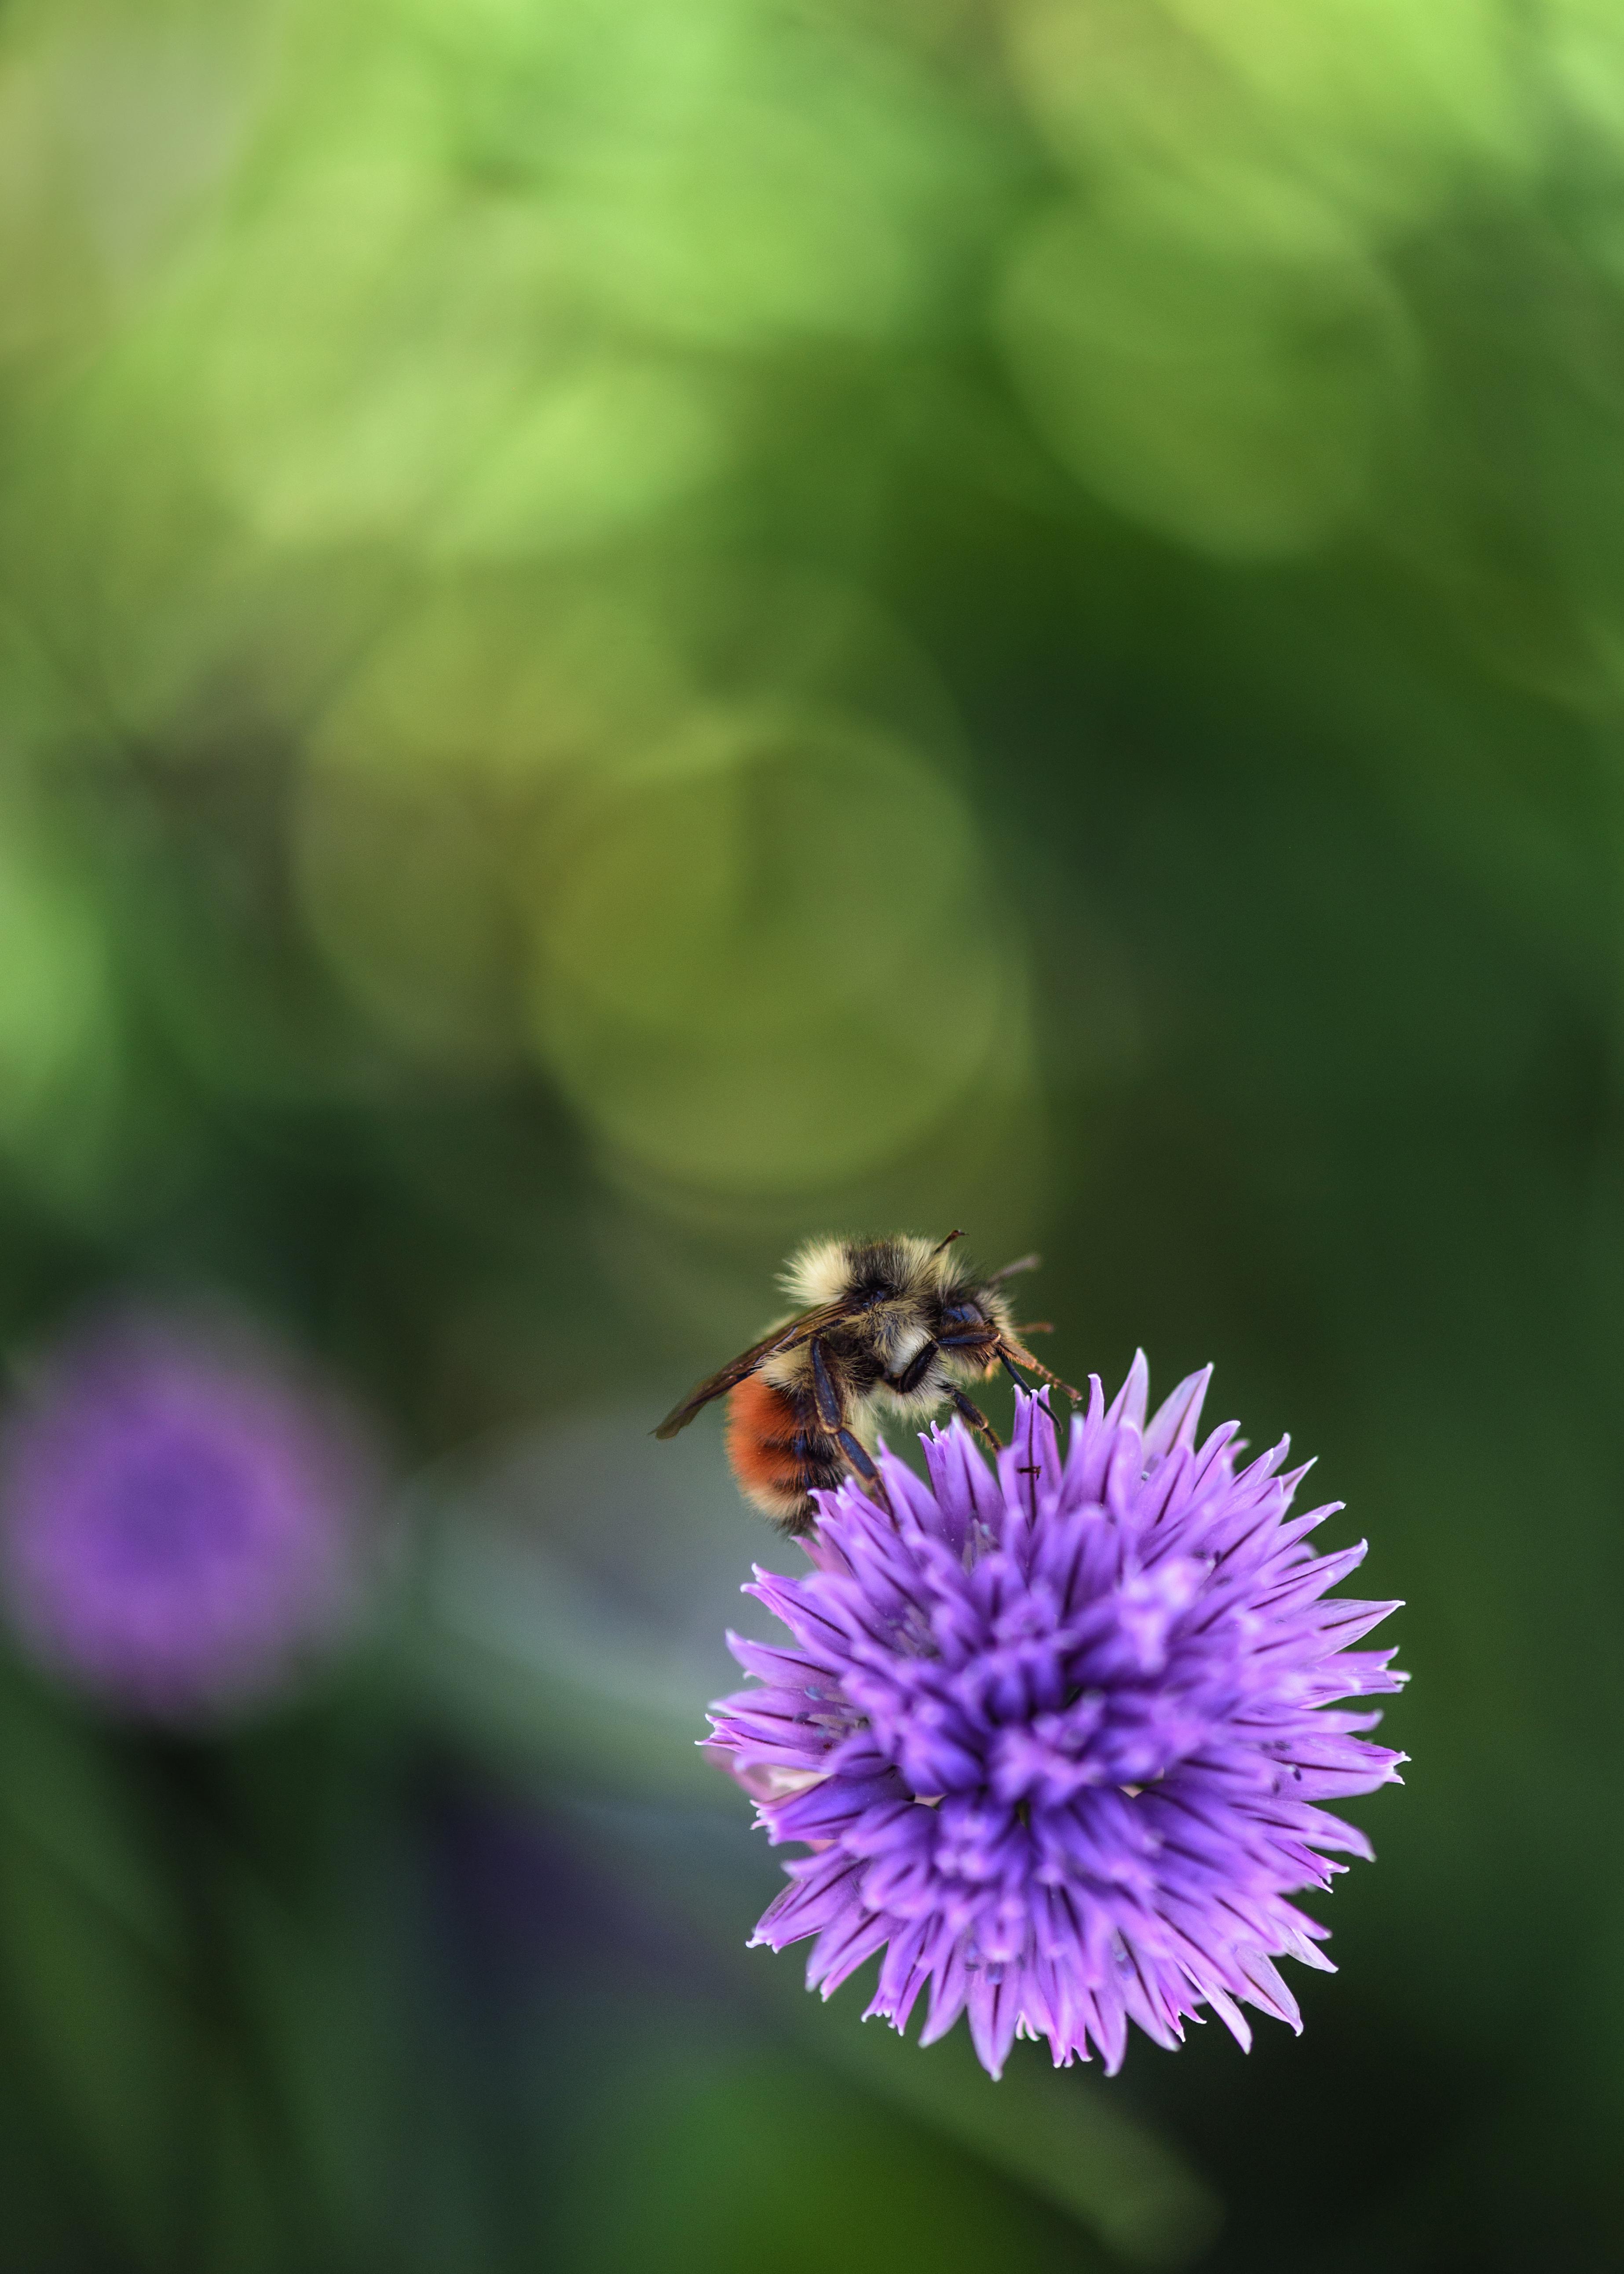 2018-05-23 - Bee cleaning pollen 5x7 SEN